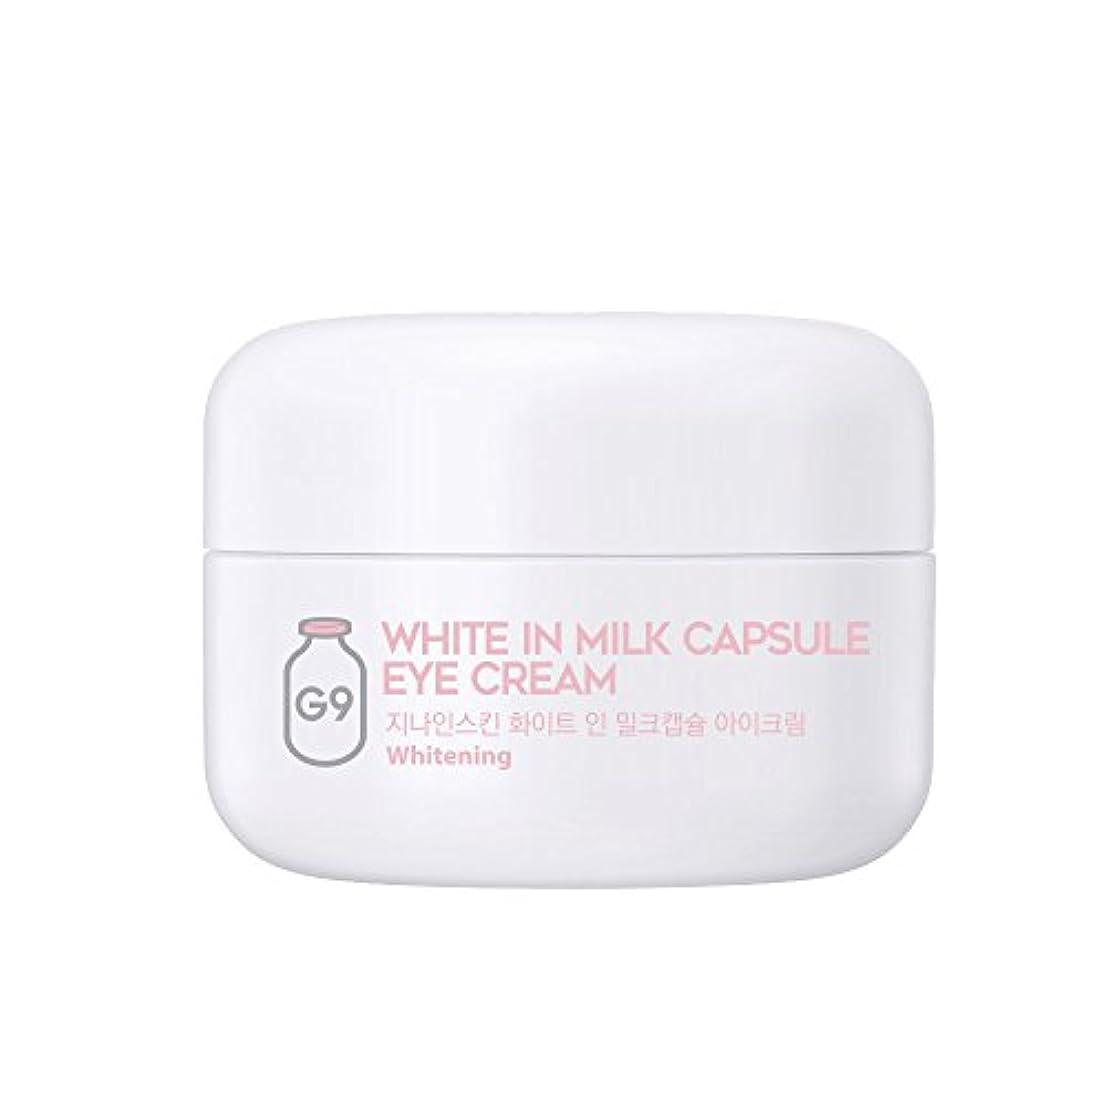 雰囲気シソーラスアウトドアG9SKIN(ベリサム) White In Milk Capsule Eye Cream ホワイトインミルクカプセルアイクリーム 30g